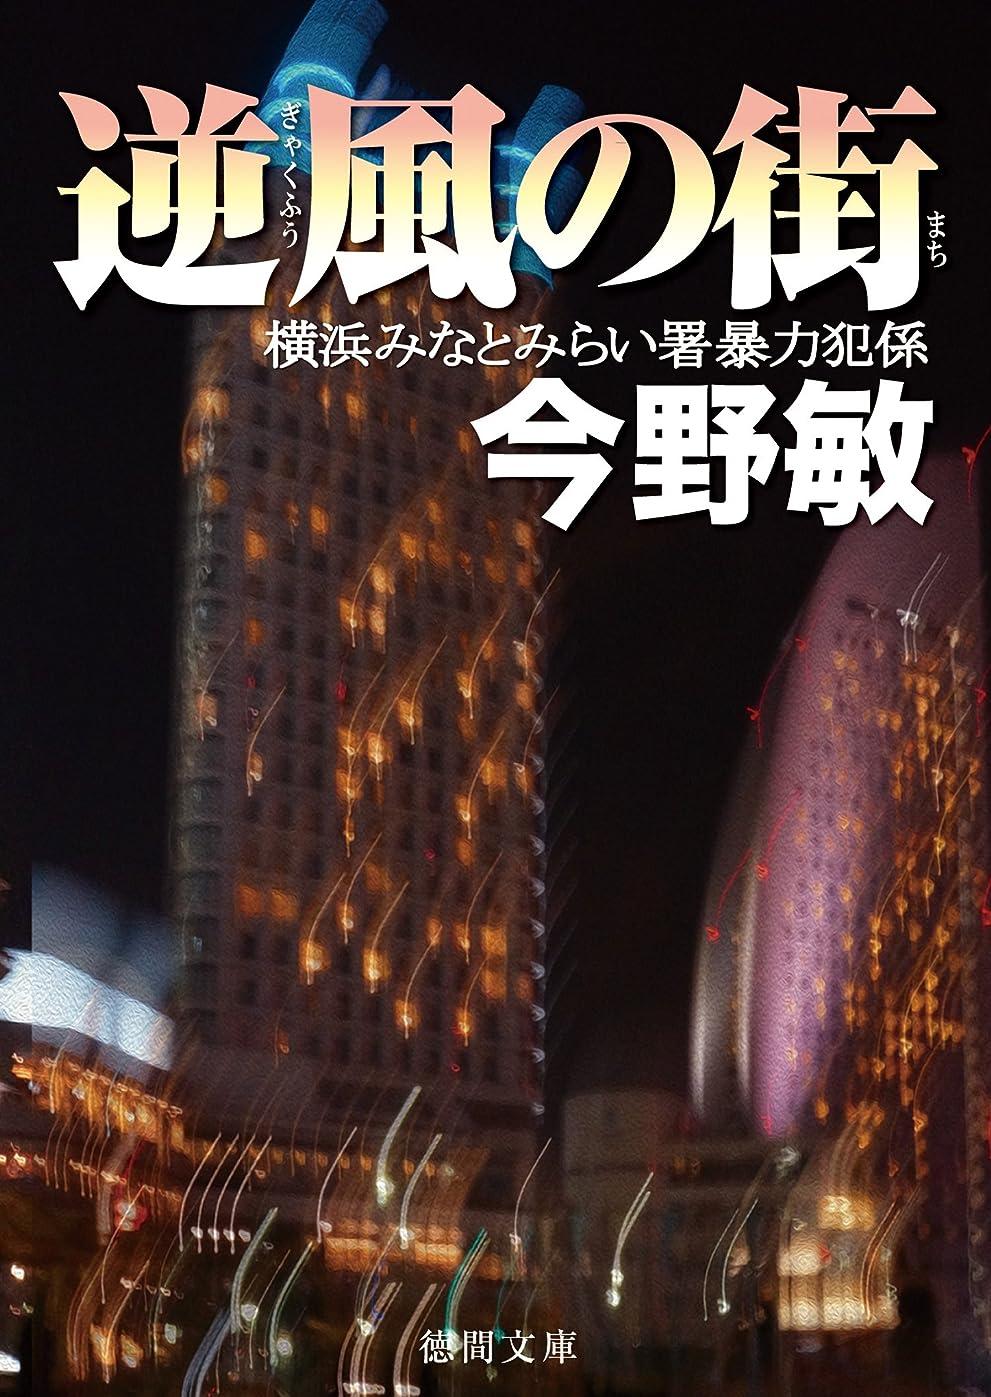 呼吸する切断する日焼け逆風の街 横浜みなとみらい署暴力犯係 (徳間文庫)